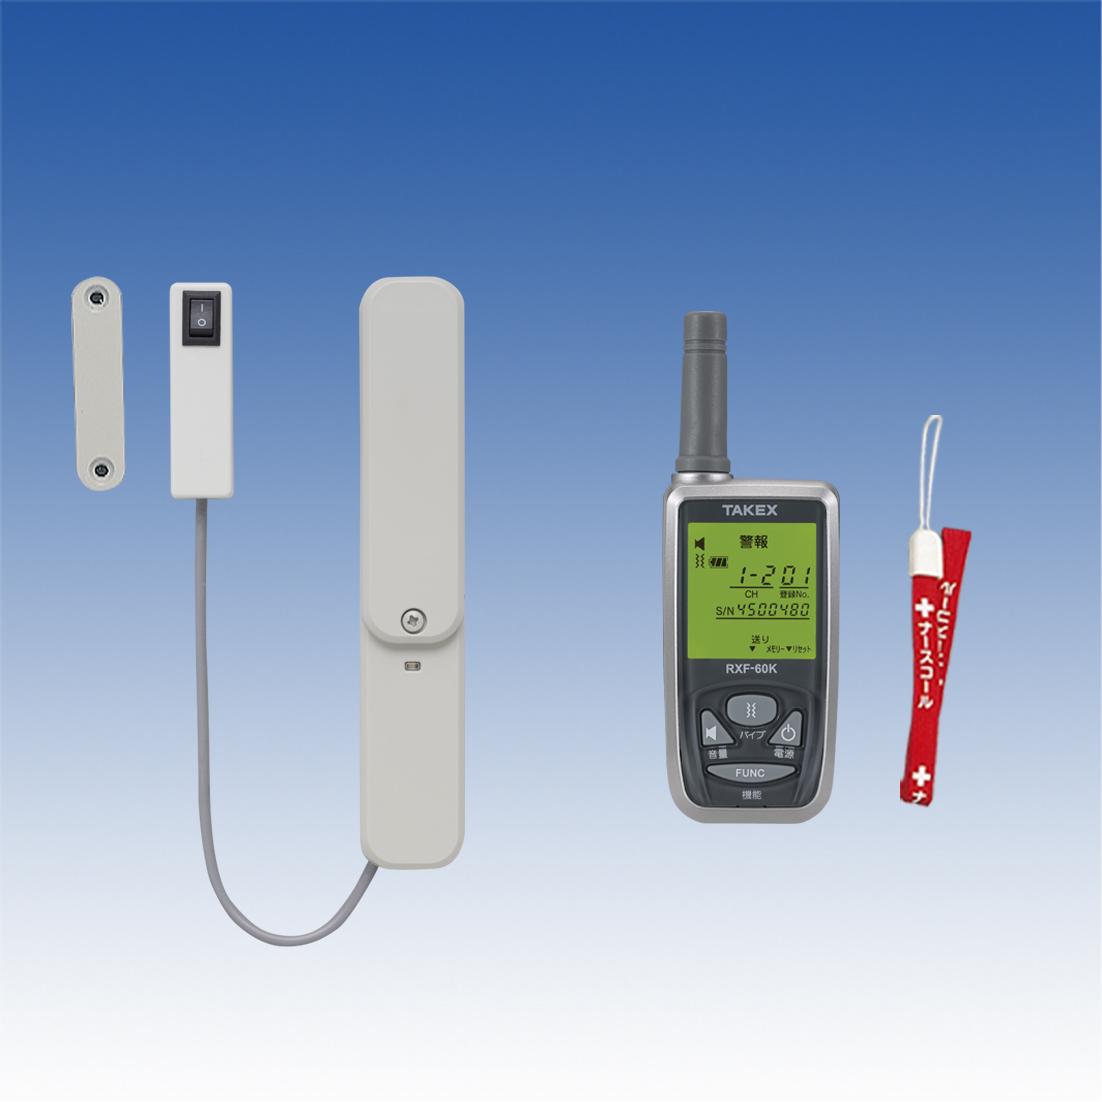 徘徊お知らせ開見ちゃん(携帯型セット) HCS-115(K) 徘徊探知センサー 簡単設置・置き場所自由 あけみちゃん